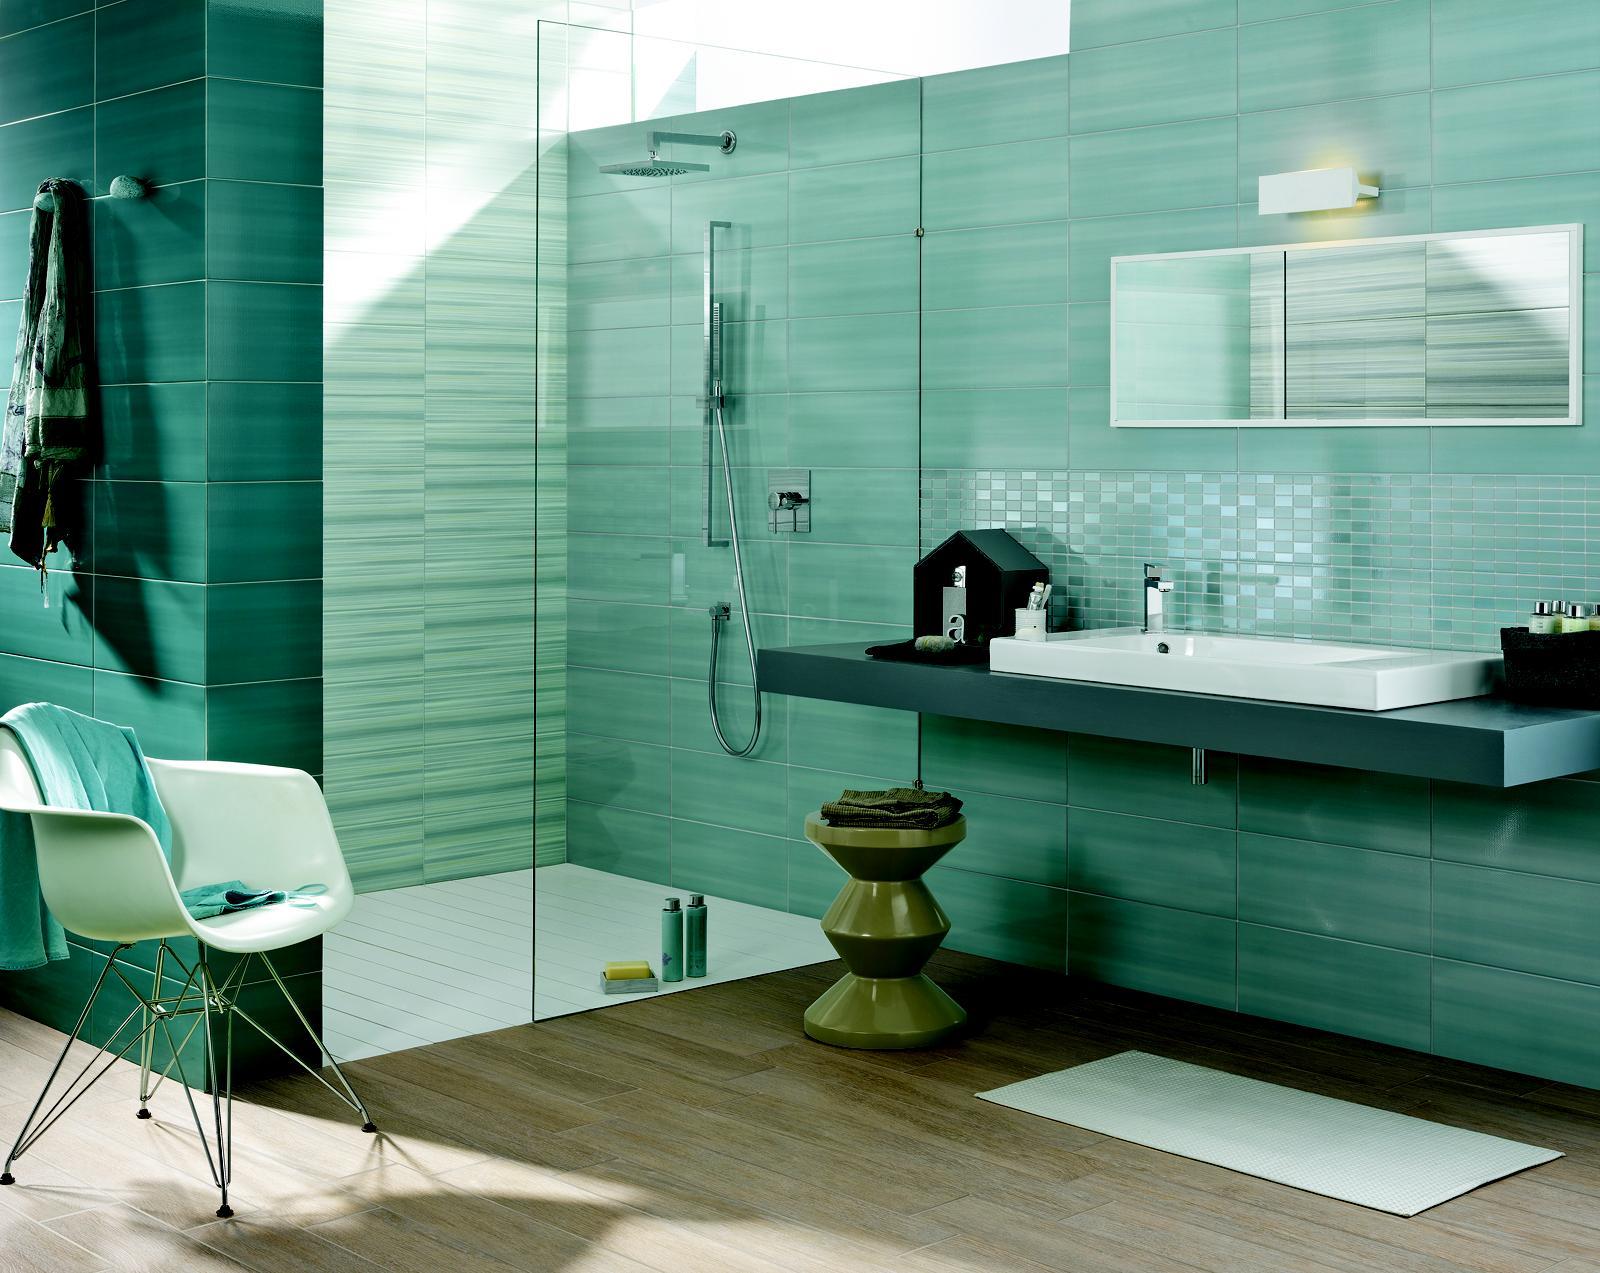 Piastrelle Bagno Turchese : Piastrelle da bagno azzurre elegante rivestimento bagno tivoli cm